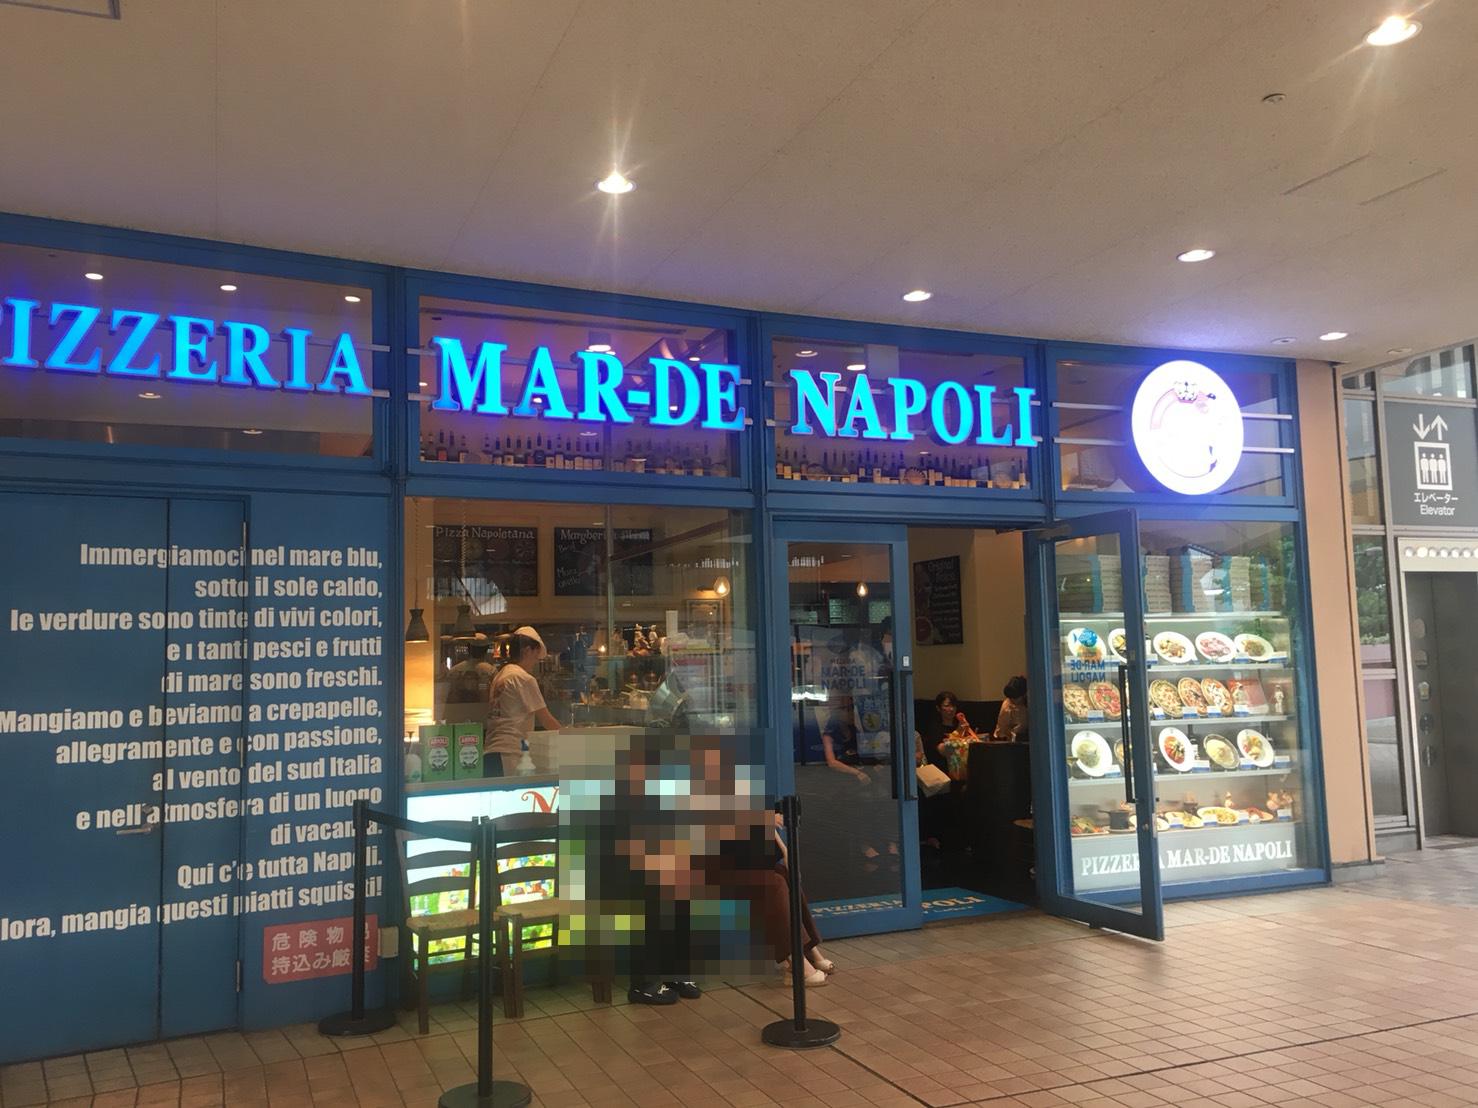 【後楽園駅】本格薪窯ナポリピザとパスタ「マルデナポリ ラクーア店」の外観